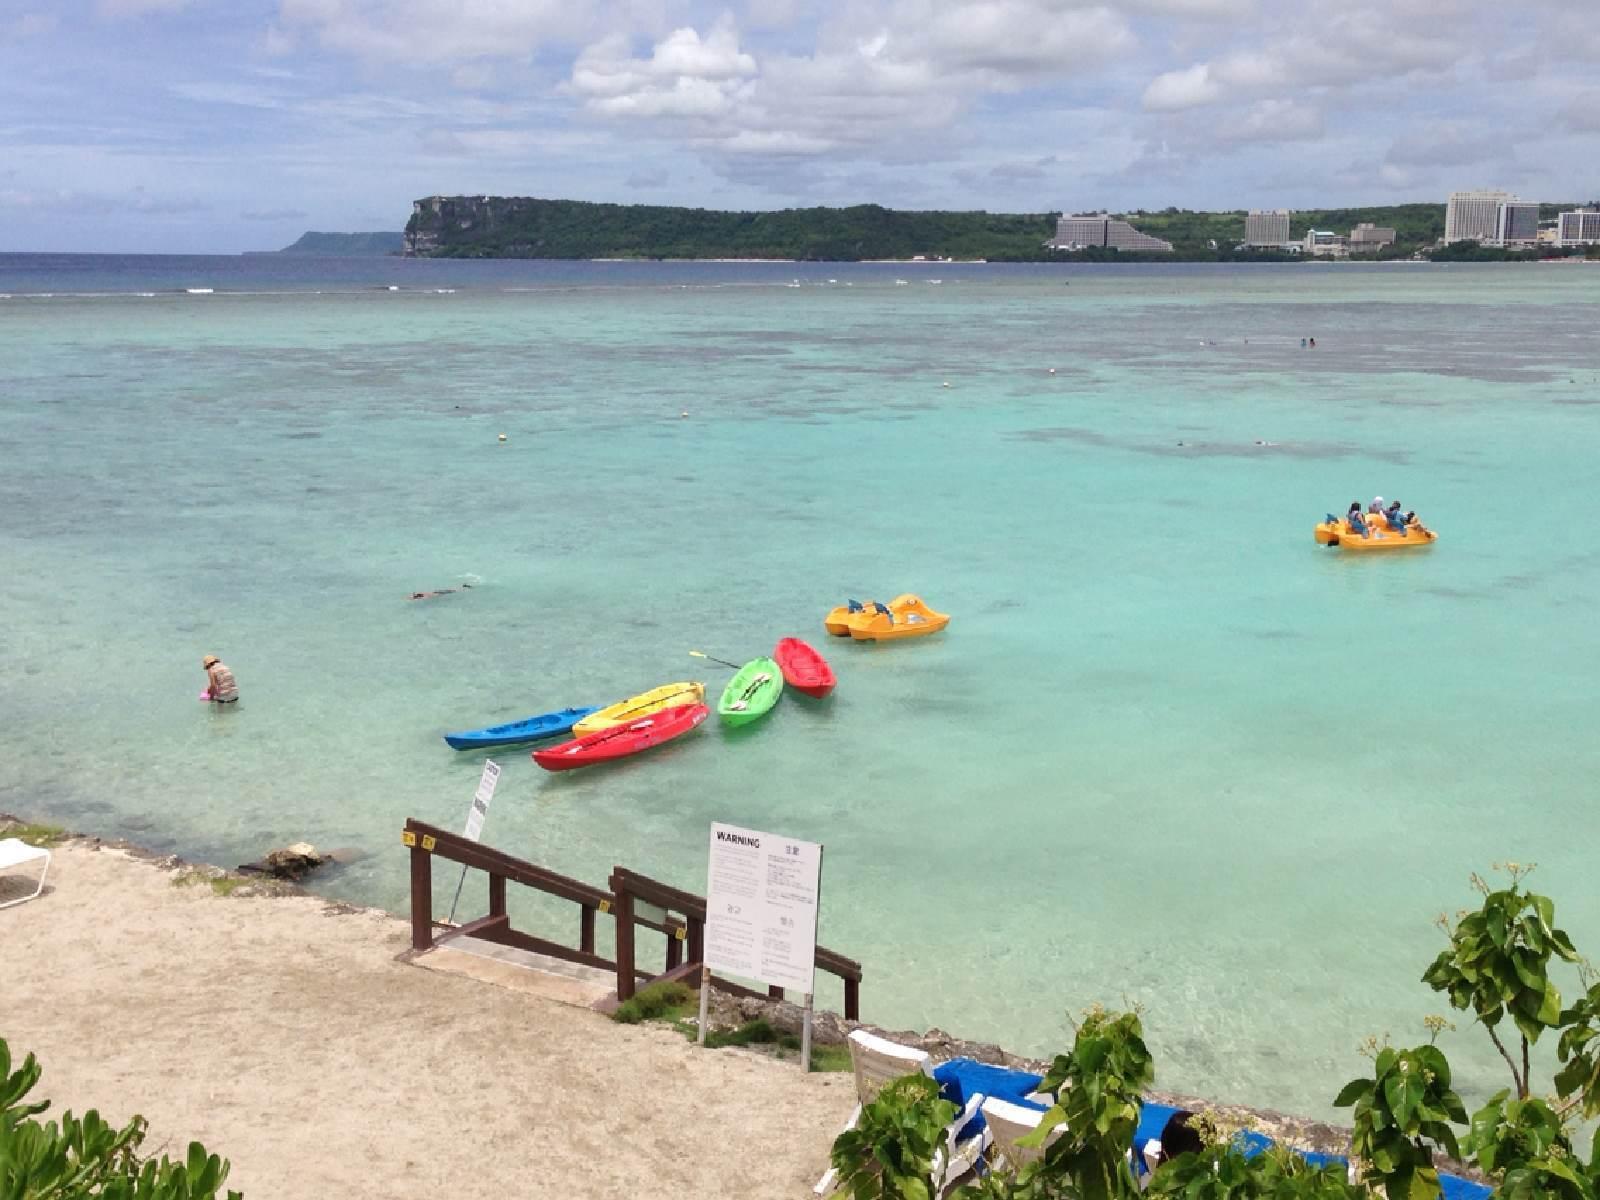 第三是喜来登酒店,它的位置离市区远一点,虽然也面对海,但没有沙滩